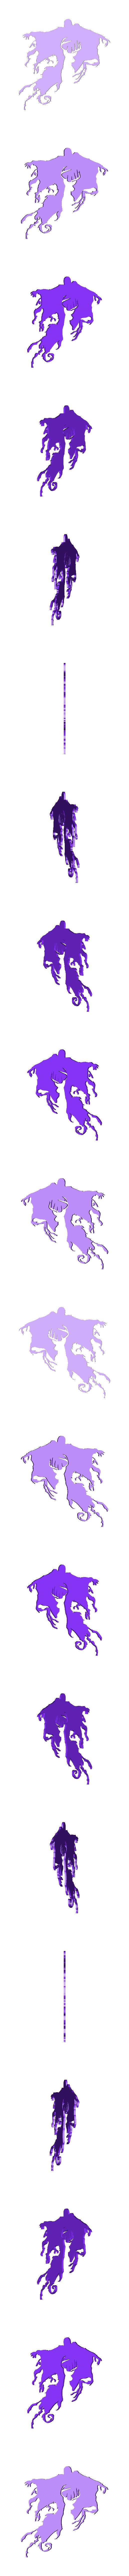 DementorPartronus.stl Descargar archivo STL Dementor Patronus • Plan imprimible en 3D, miguelonmex